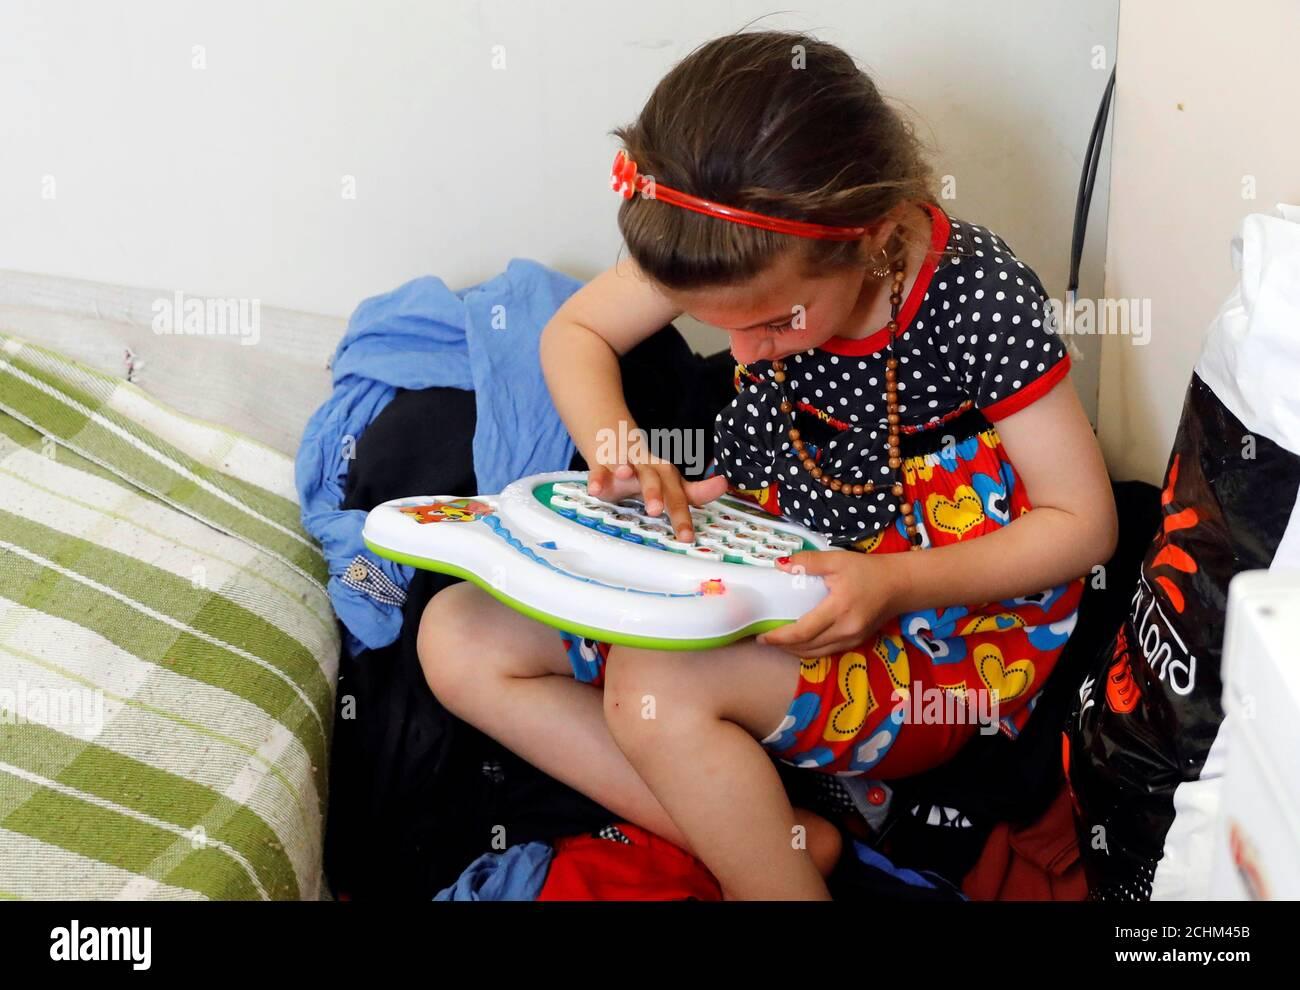 L'iracheno Christina Ezzo Abada, ex ostaggio di militanti dello Stato islamico per tre anni, gioca all'interno di una casa ristretta in un campo profughi di Erbil, Iraq, 10 giugno 2017. REUTERS/Erik De Castro Foto Stock